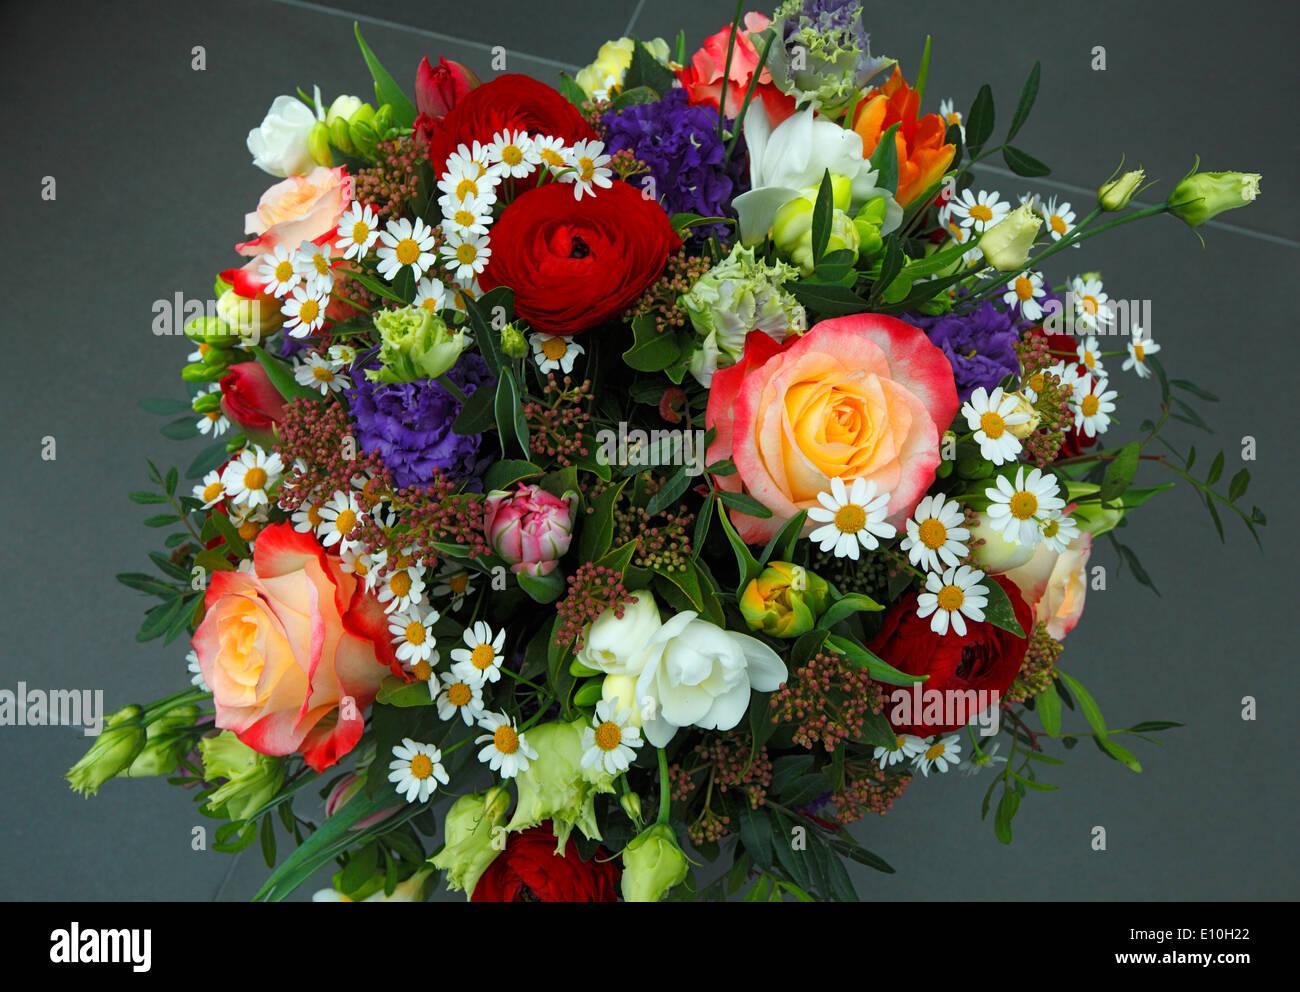 natur pflanzen blumen haufen von blumen geburtstag blumenstrau rosen tulpen freesien. Black Bedroom Furniture Sets. Home Design Ideas